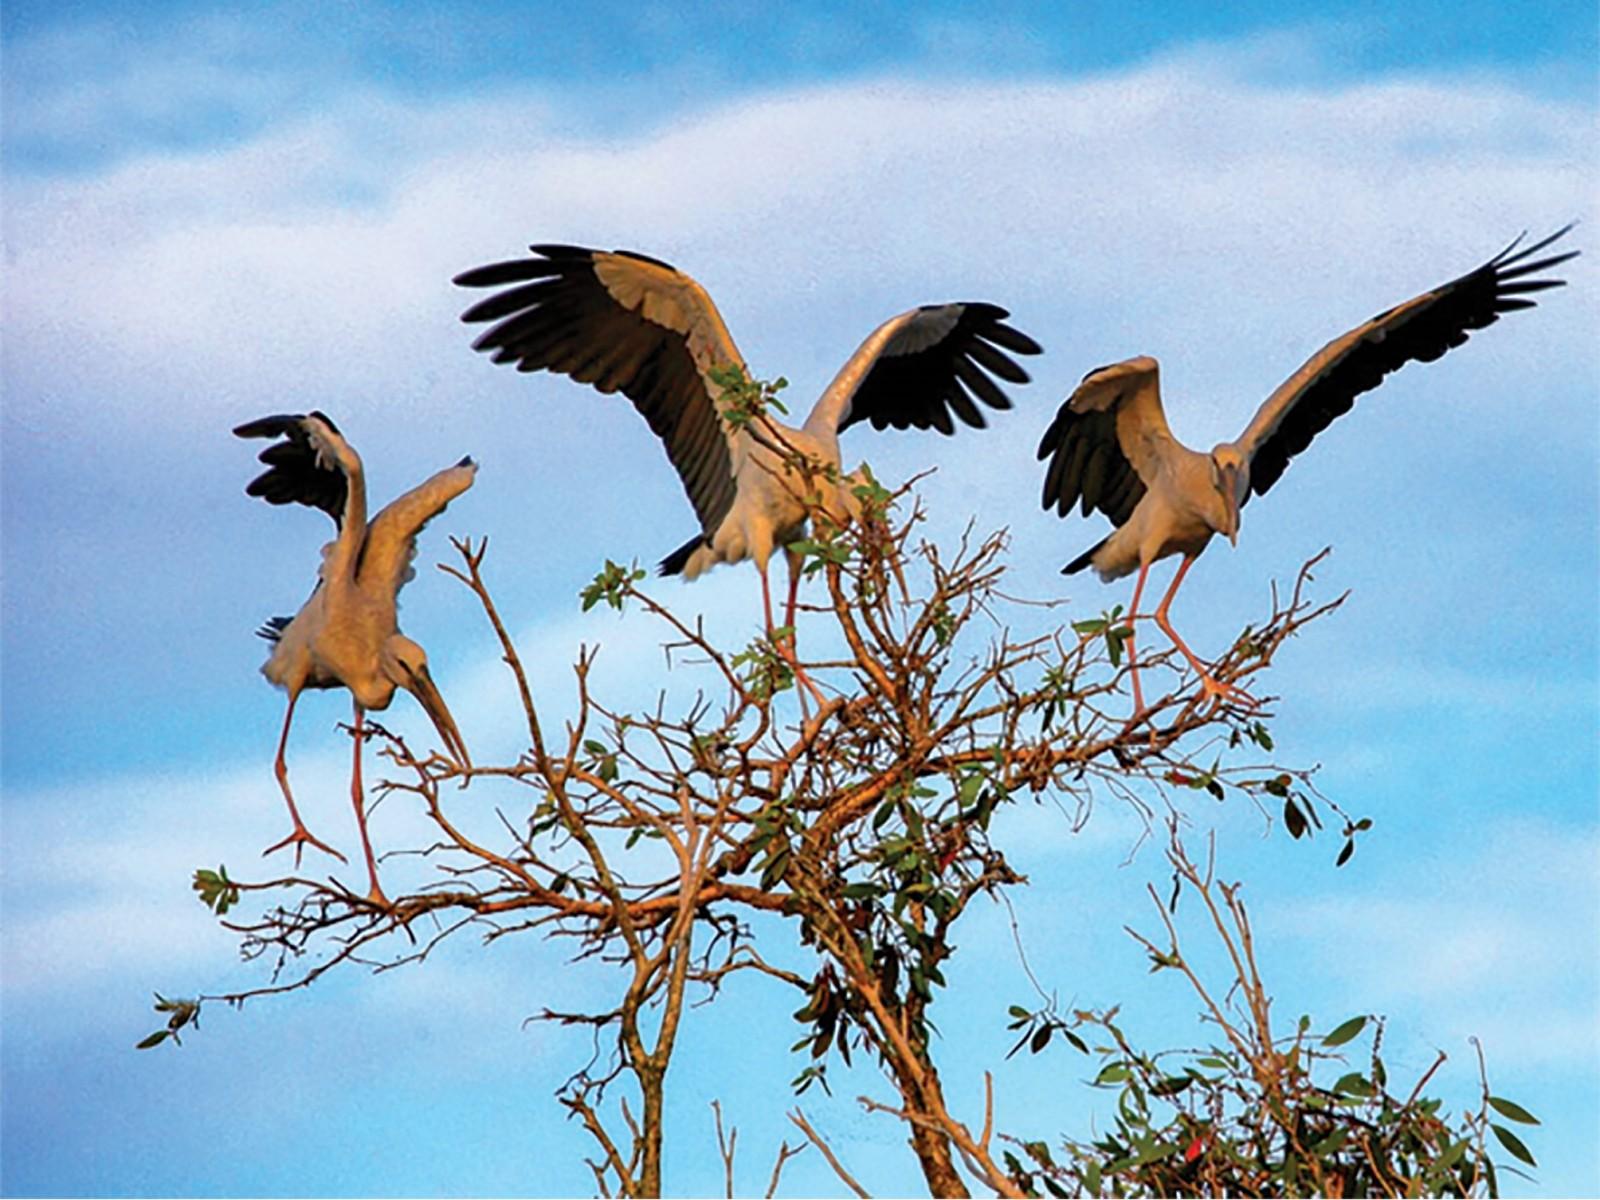 Những đàn chim sải cánh bay về tổ tạo nên bức tranh thiên nhiên sinh động cho rừng tràm (nguồn ảnh: Internet).